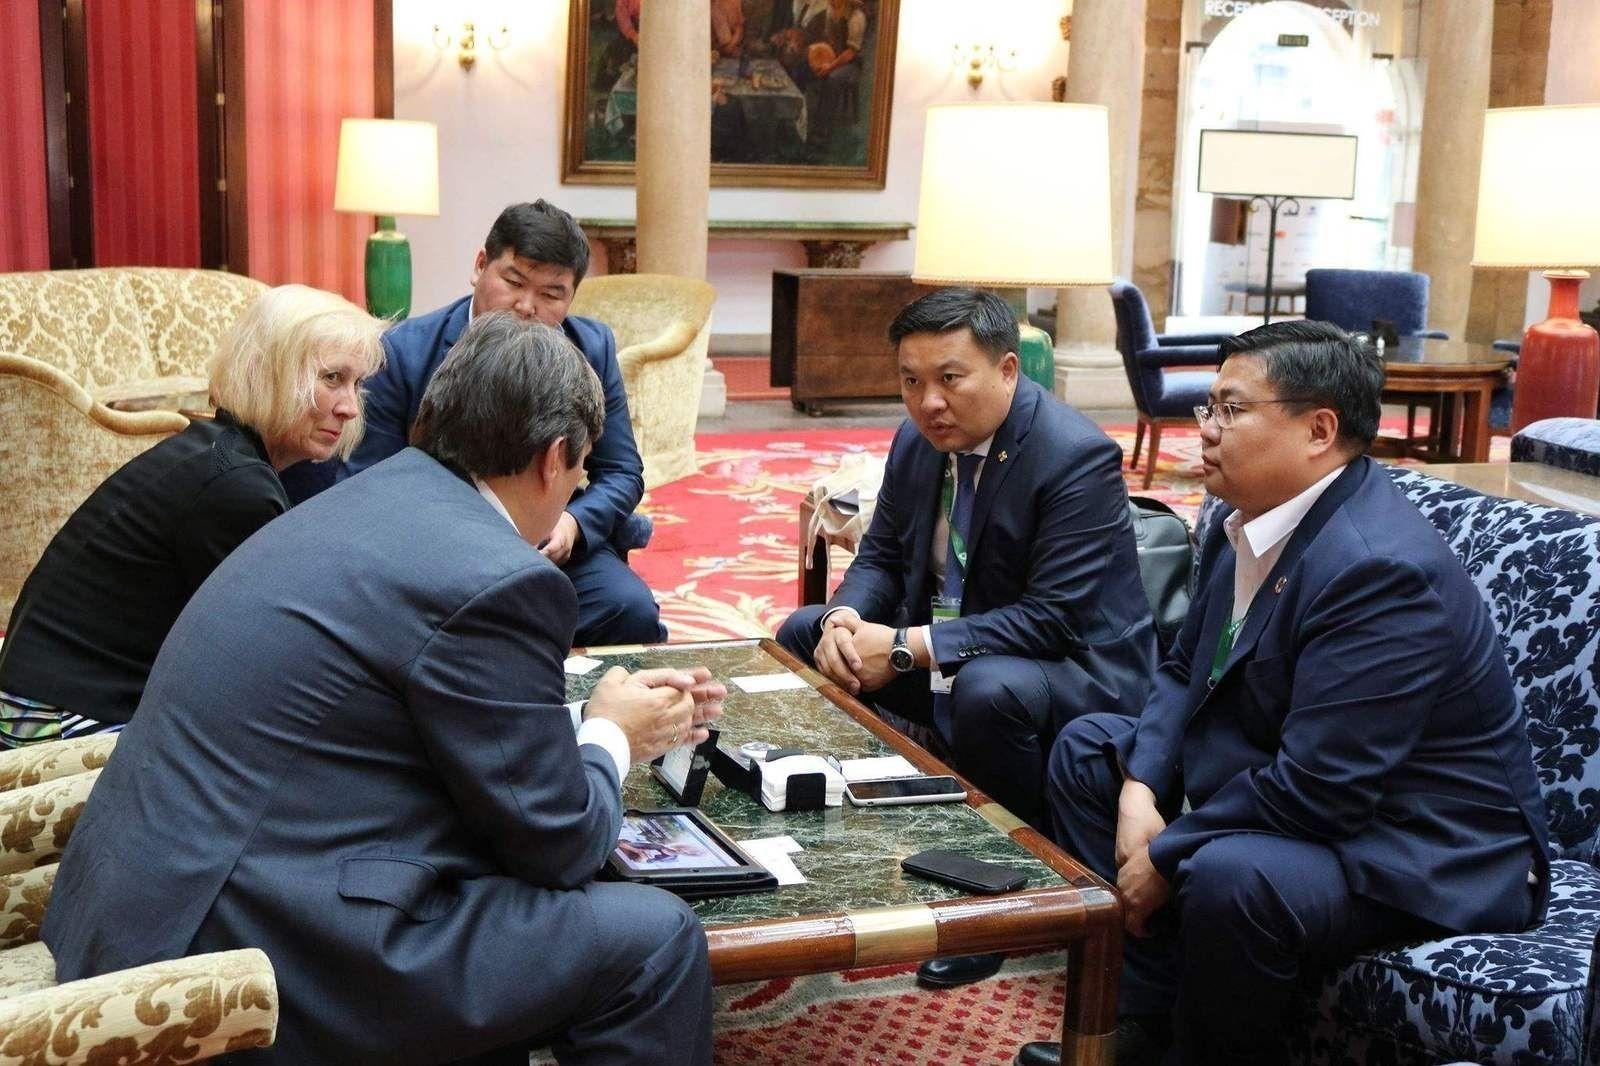 Монгол Улсад аялал жуулчлалын статистик мэдээллийг тооцоолох аргачлалыг нэвтрүүлэх талаар санал солилцов